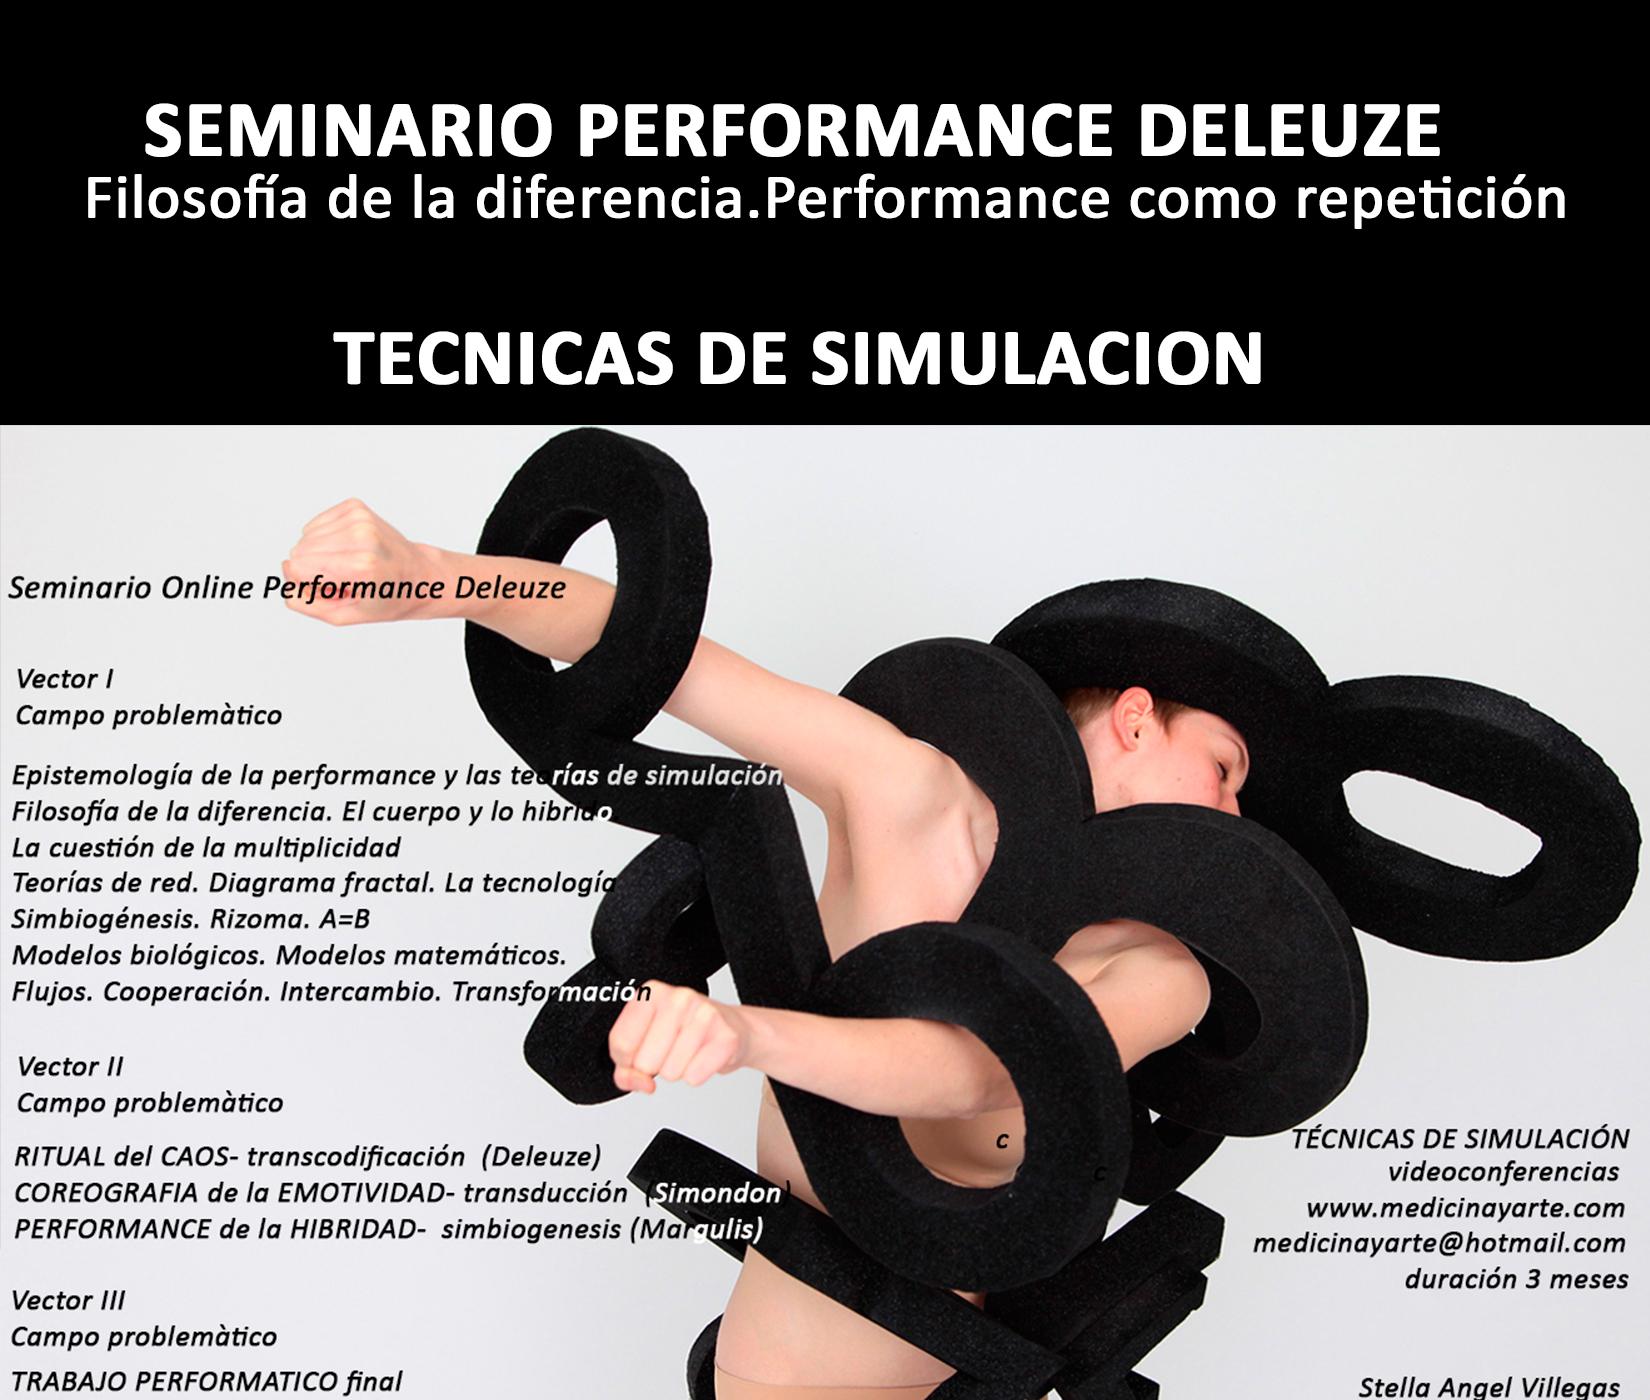 http://www.medicinayarte.com/img/-tecnicas_de_simulacion_setiembre.jpg